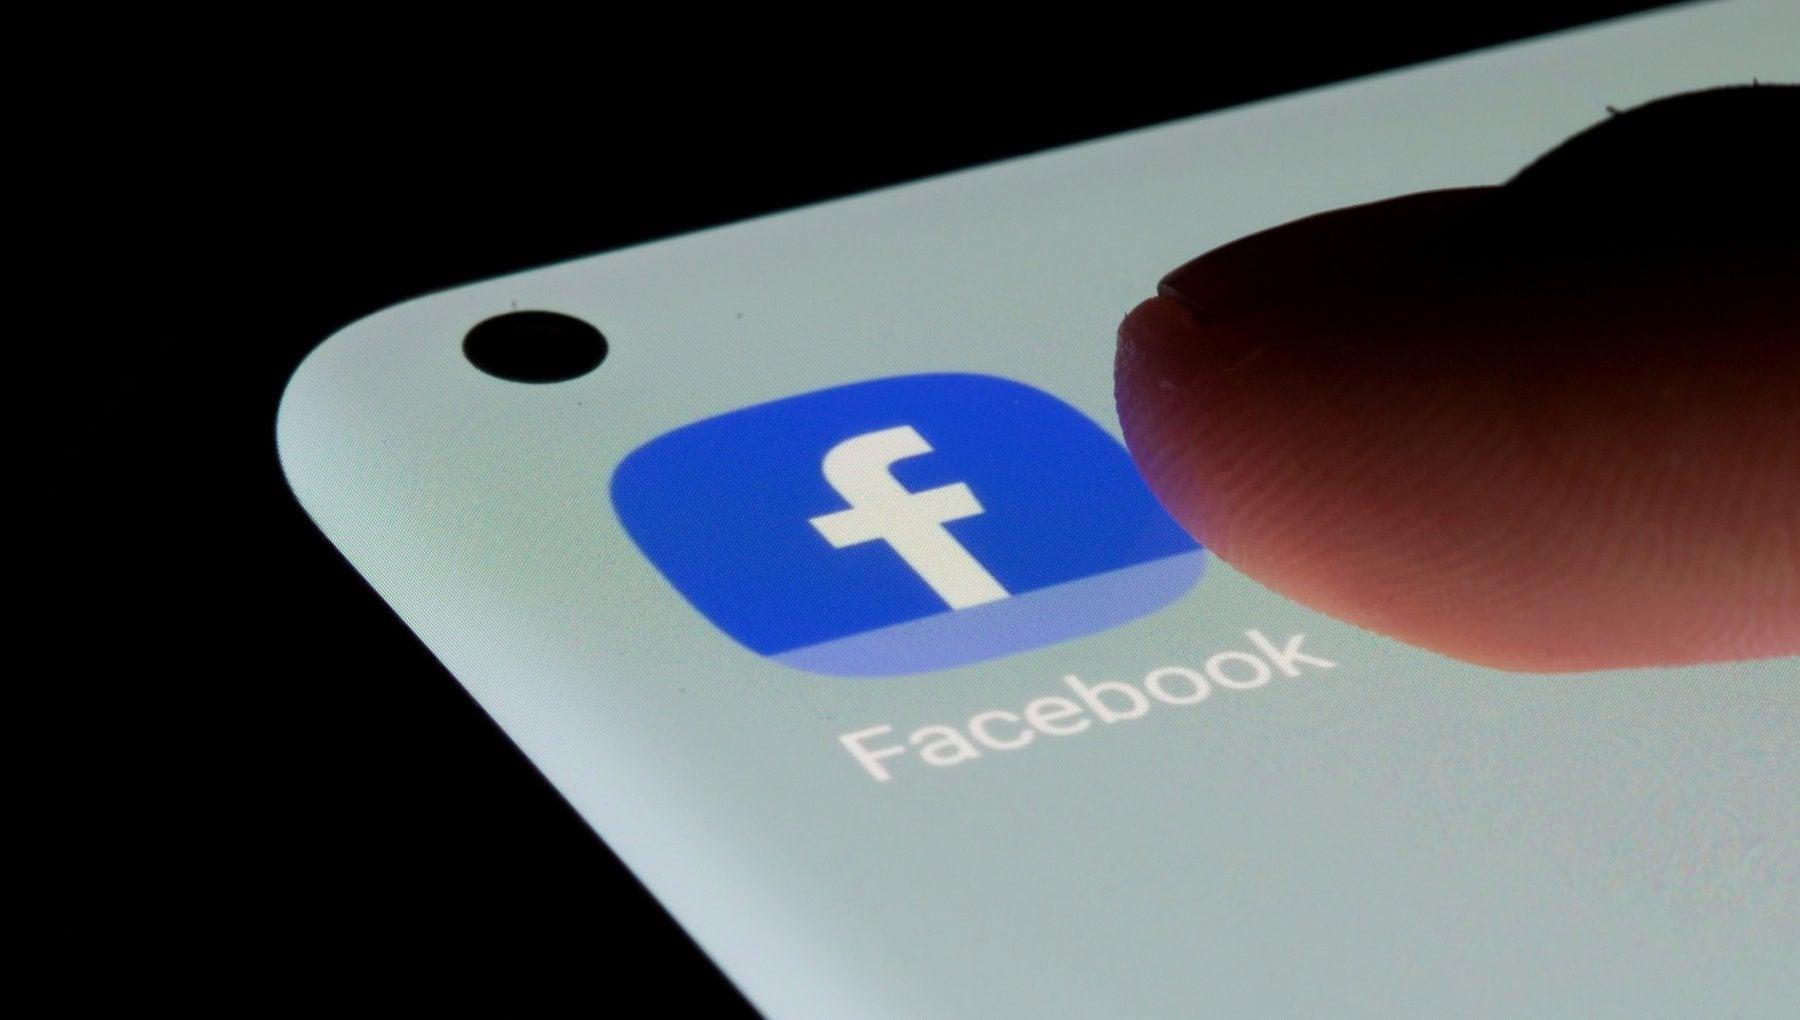 """143403510 0ceb06ee 44ba 4b87 9c5a c7add8cd4ebd - Facebook, Twitter e YouTube cancellano un esercito di falsi account di propaganda """"made in China"""""""